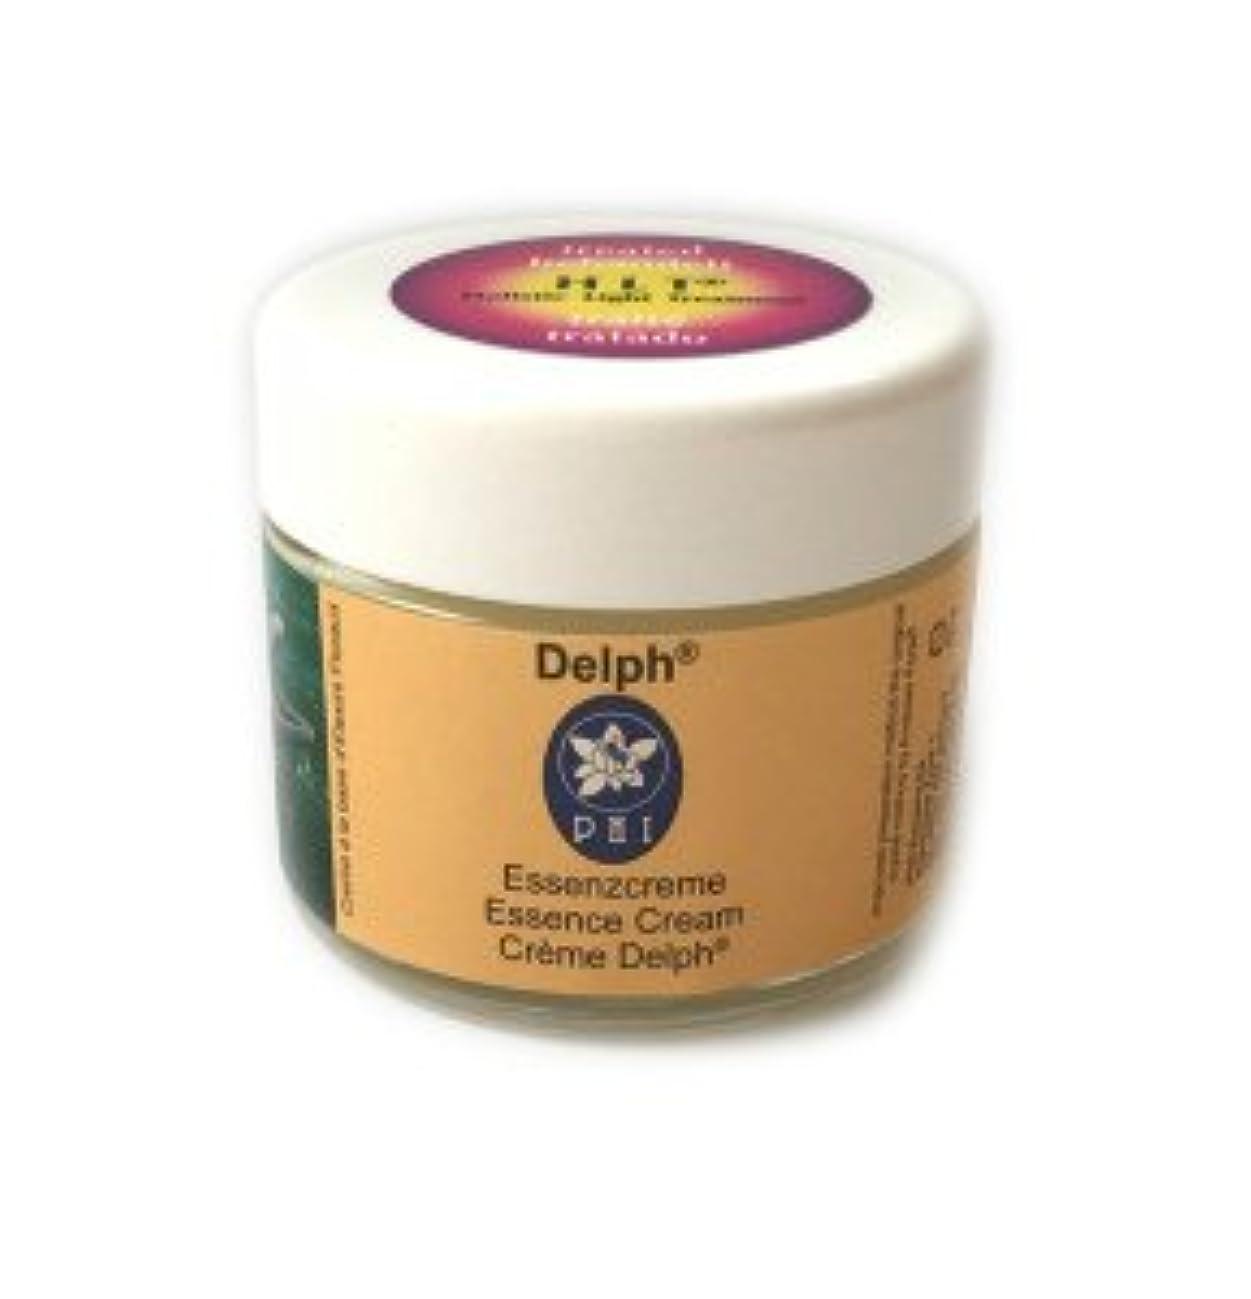 ディレイ討論なのでコルテPHI エッセンスクリーム デルフクリーム 60g +HLT 日本国内正規品